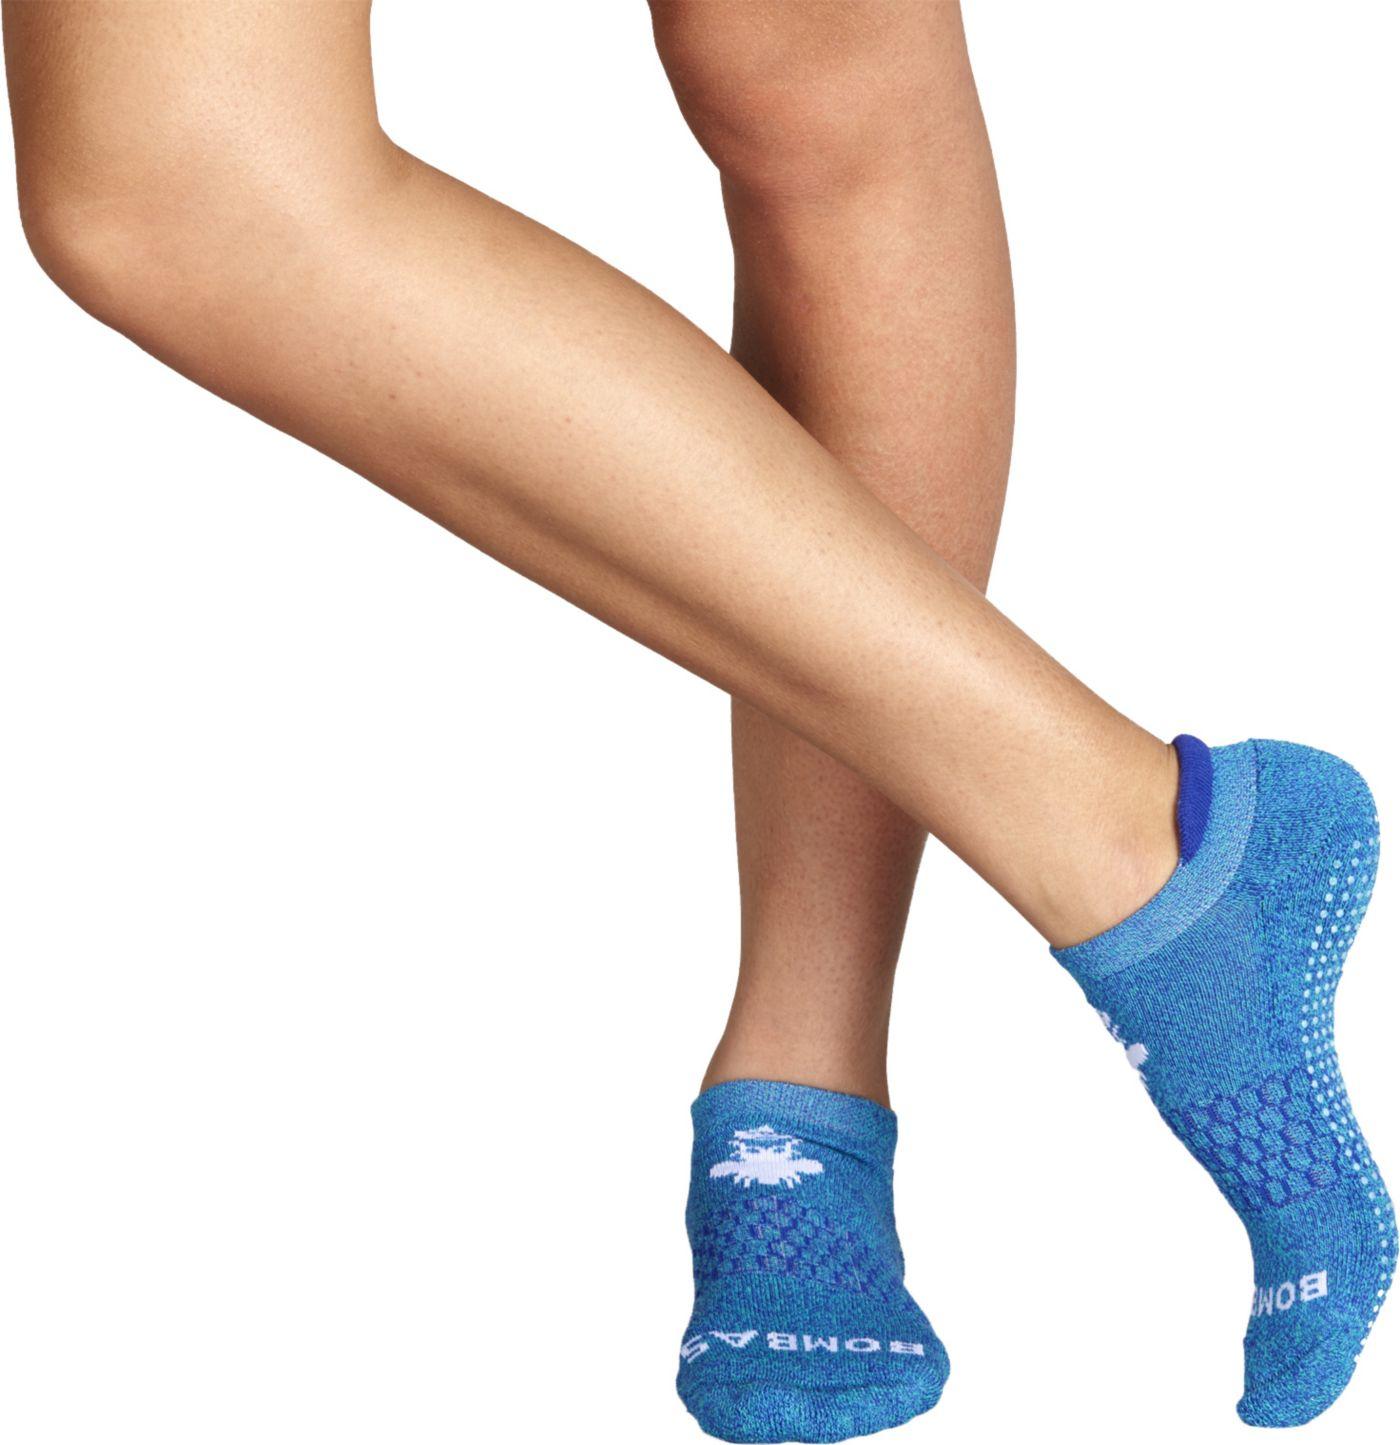 Bombas Women's Grippers Ankle Socks